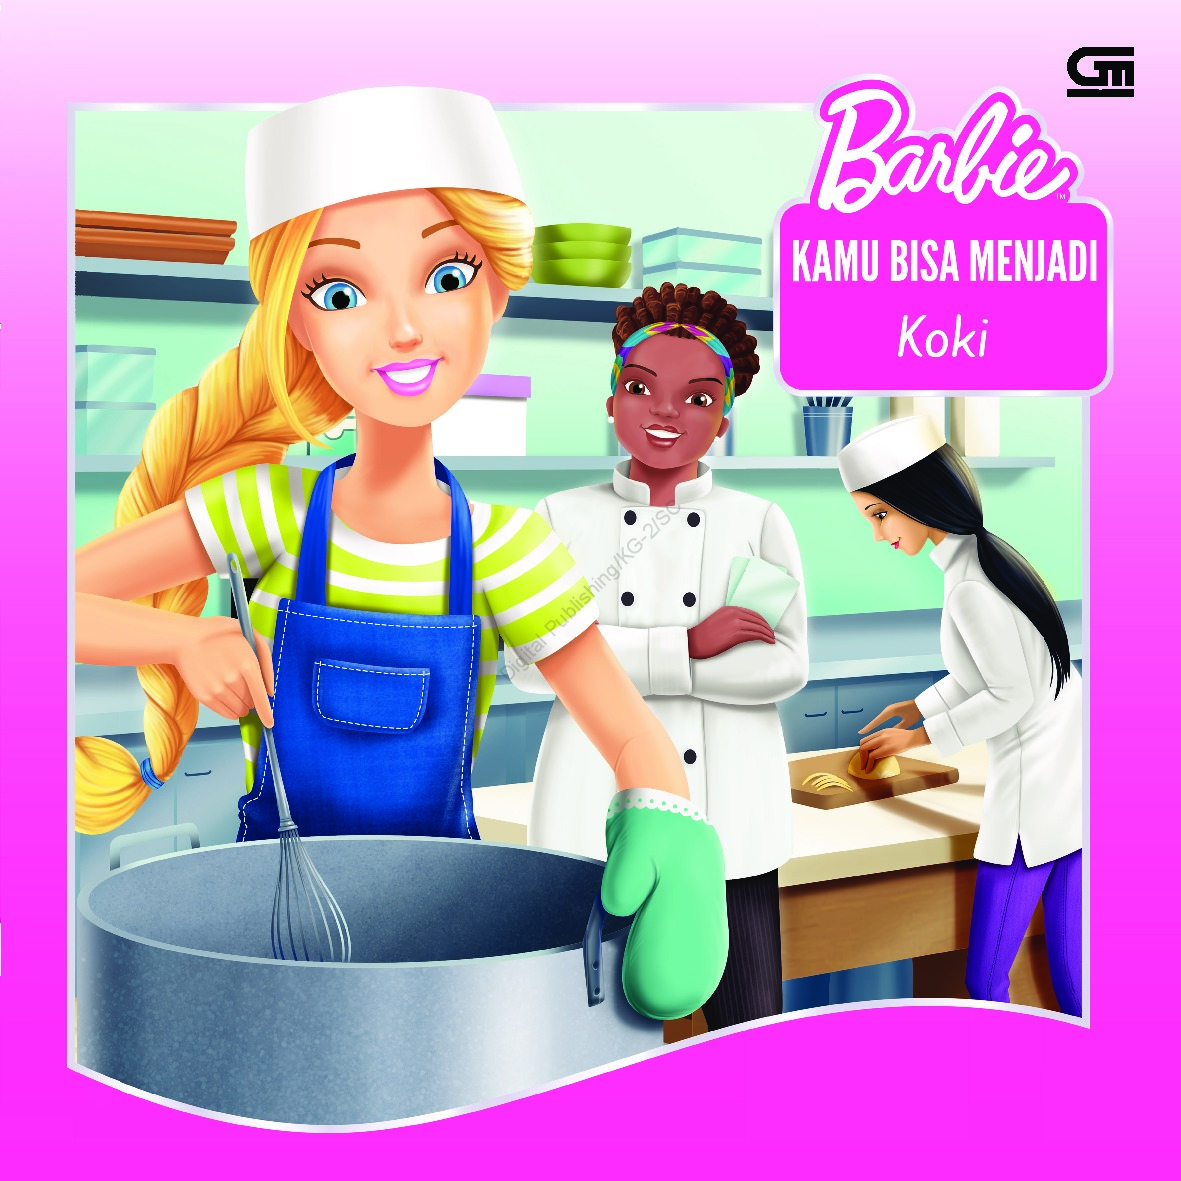 Jual Buku Barbie Kamu Bisa Menjadi Koki You Can Be A Chef Oleh Mattel Gramedia Digital Indonesia